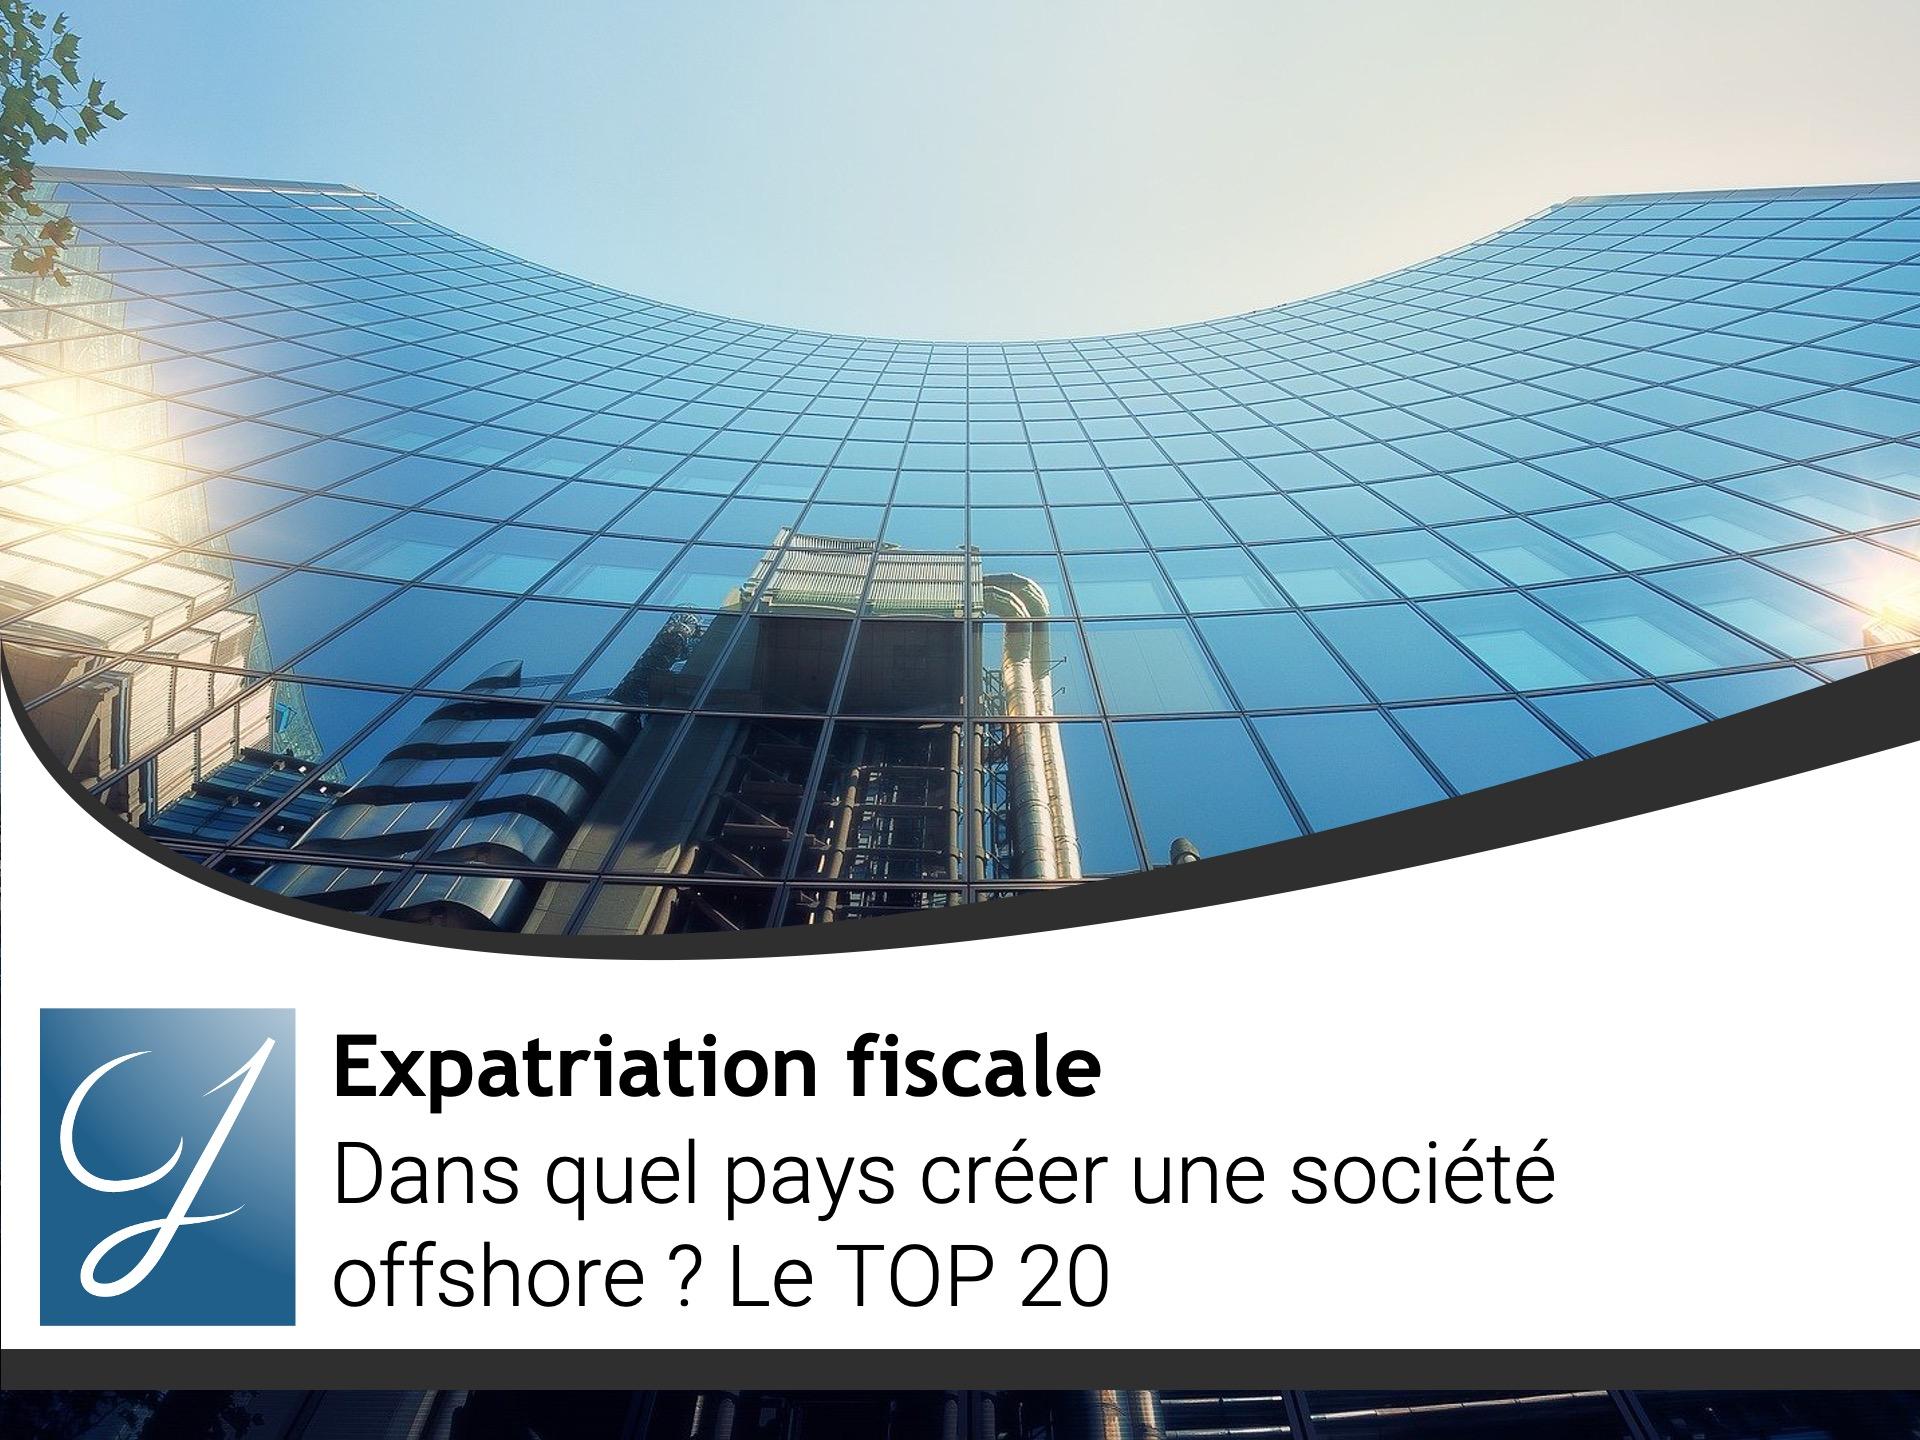 Dans quel pays créer une société offshore ? Le TOP 20